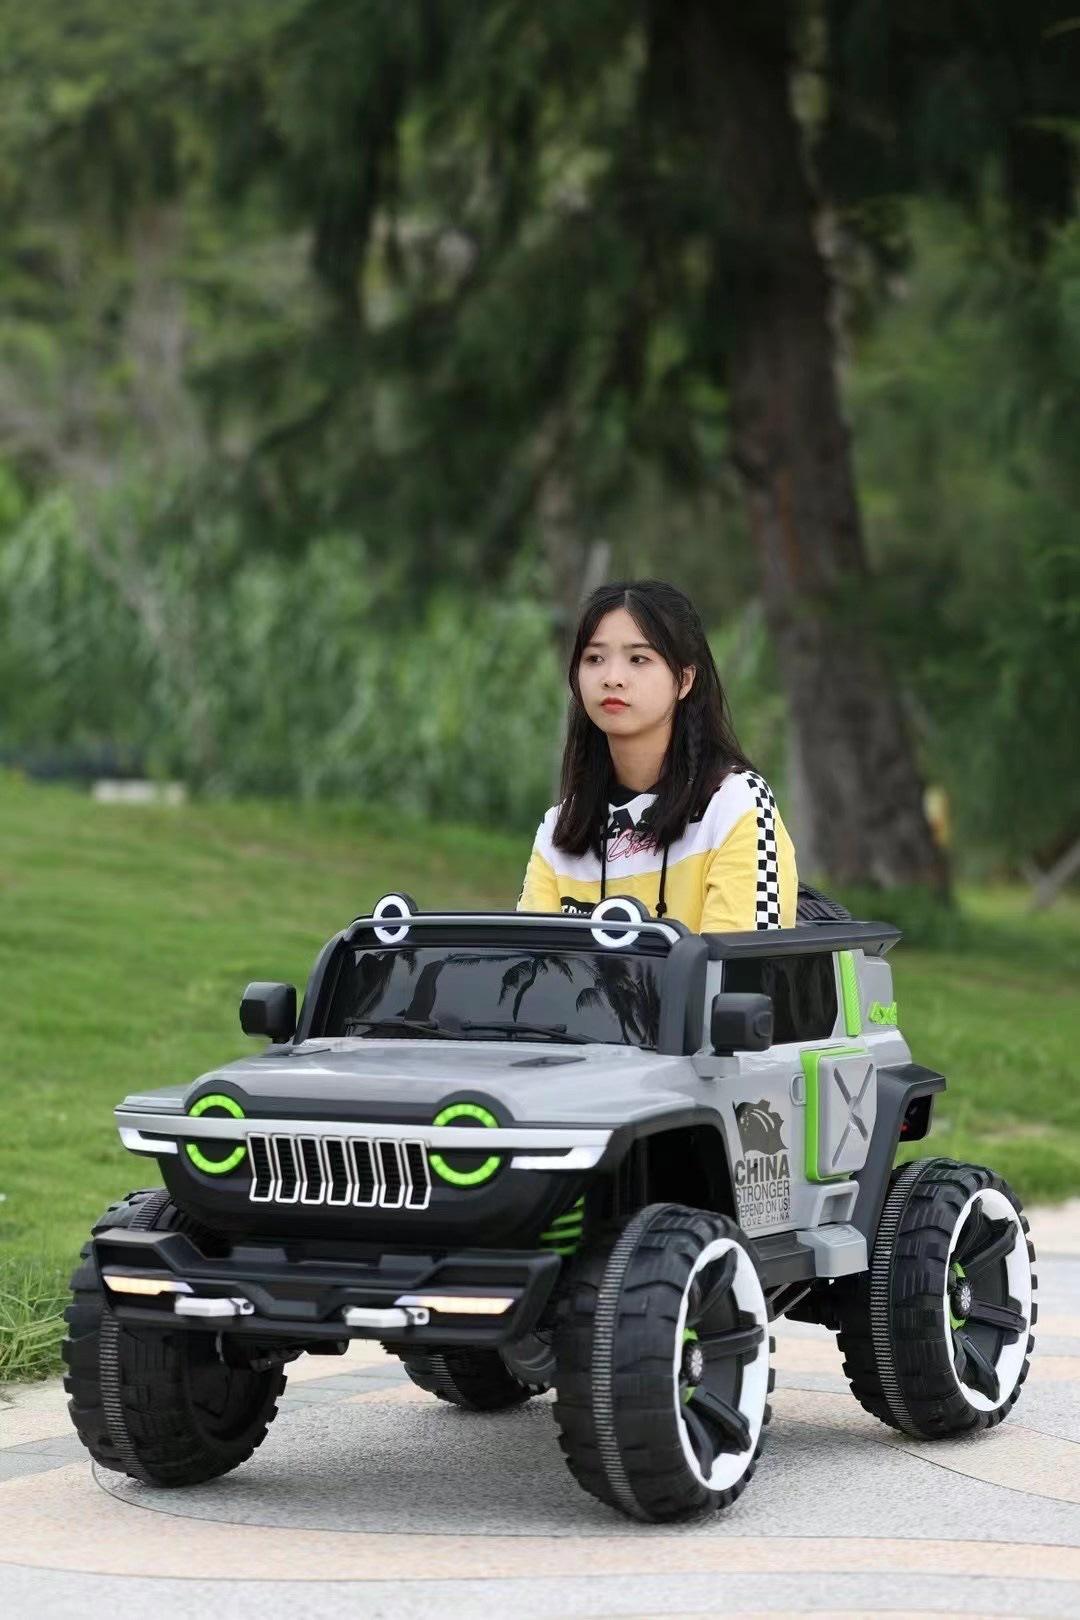 儿童电动车四轮可坐大人玩具车四驱越野车双人小宝宝电动汽车童车